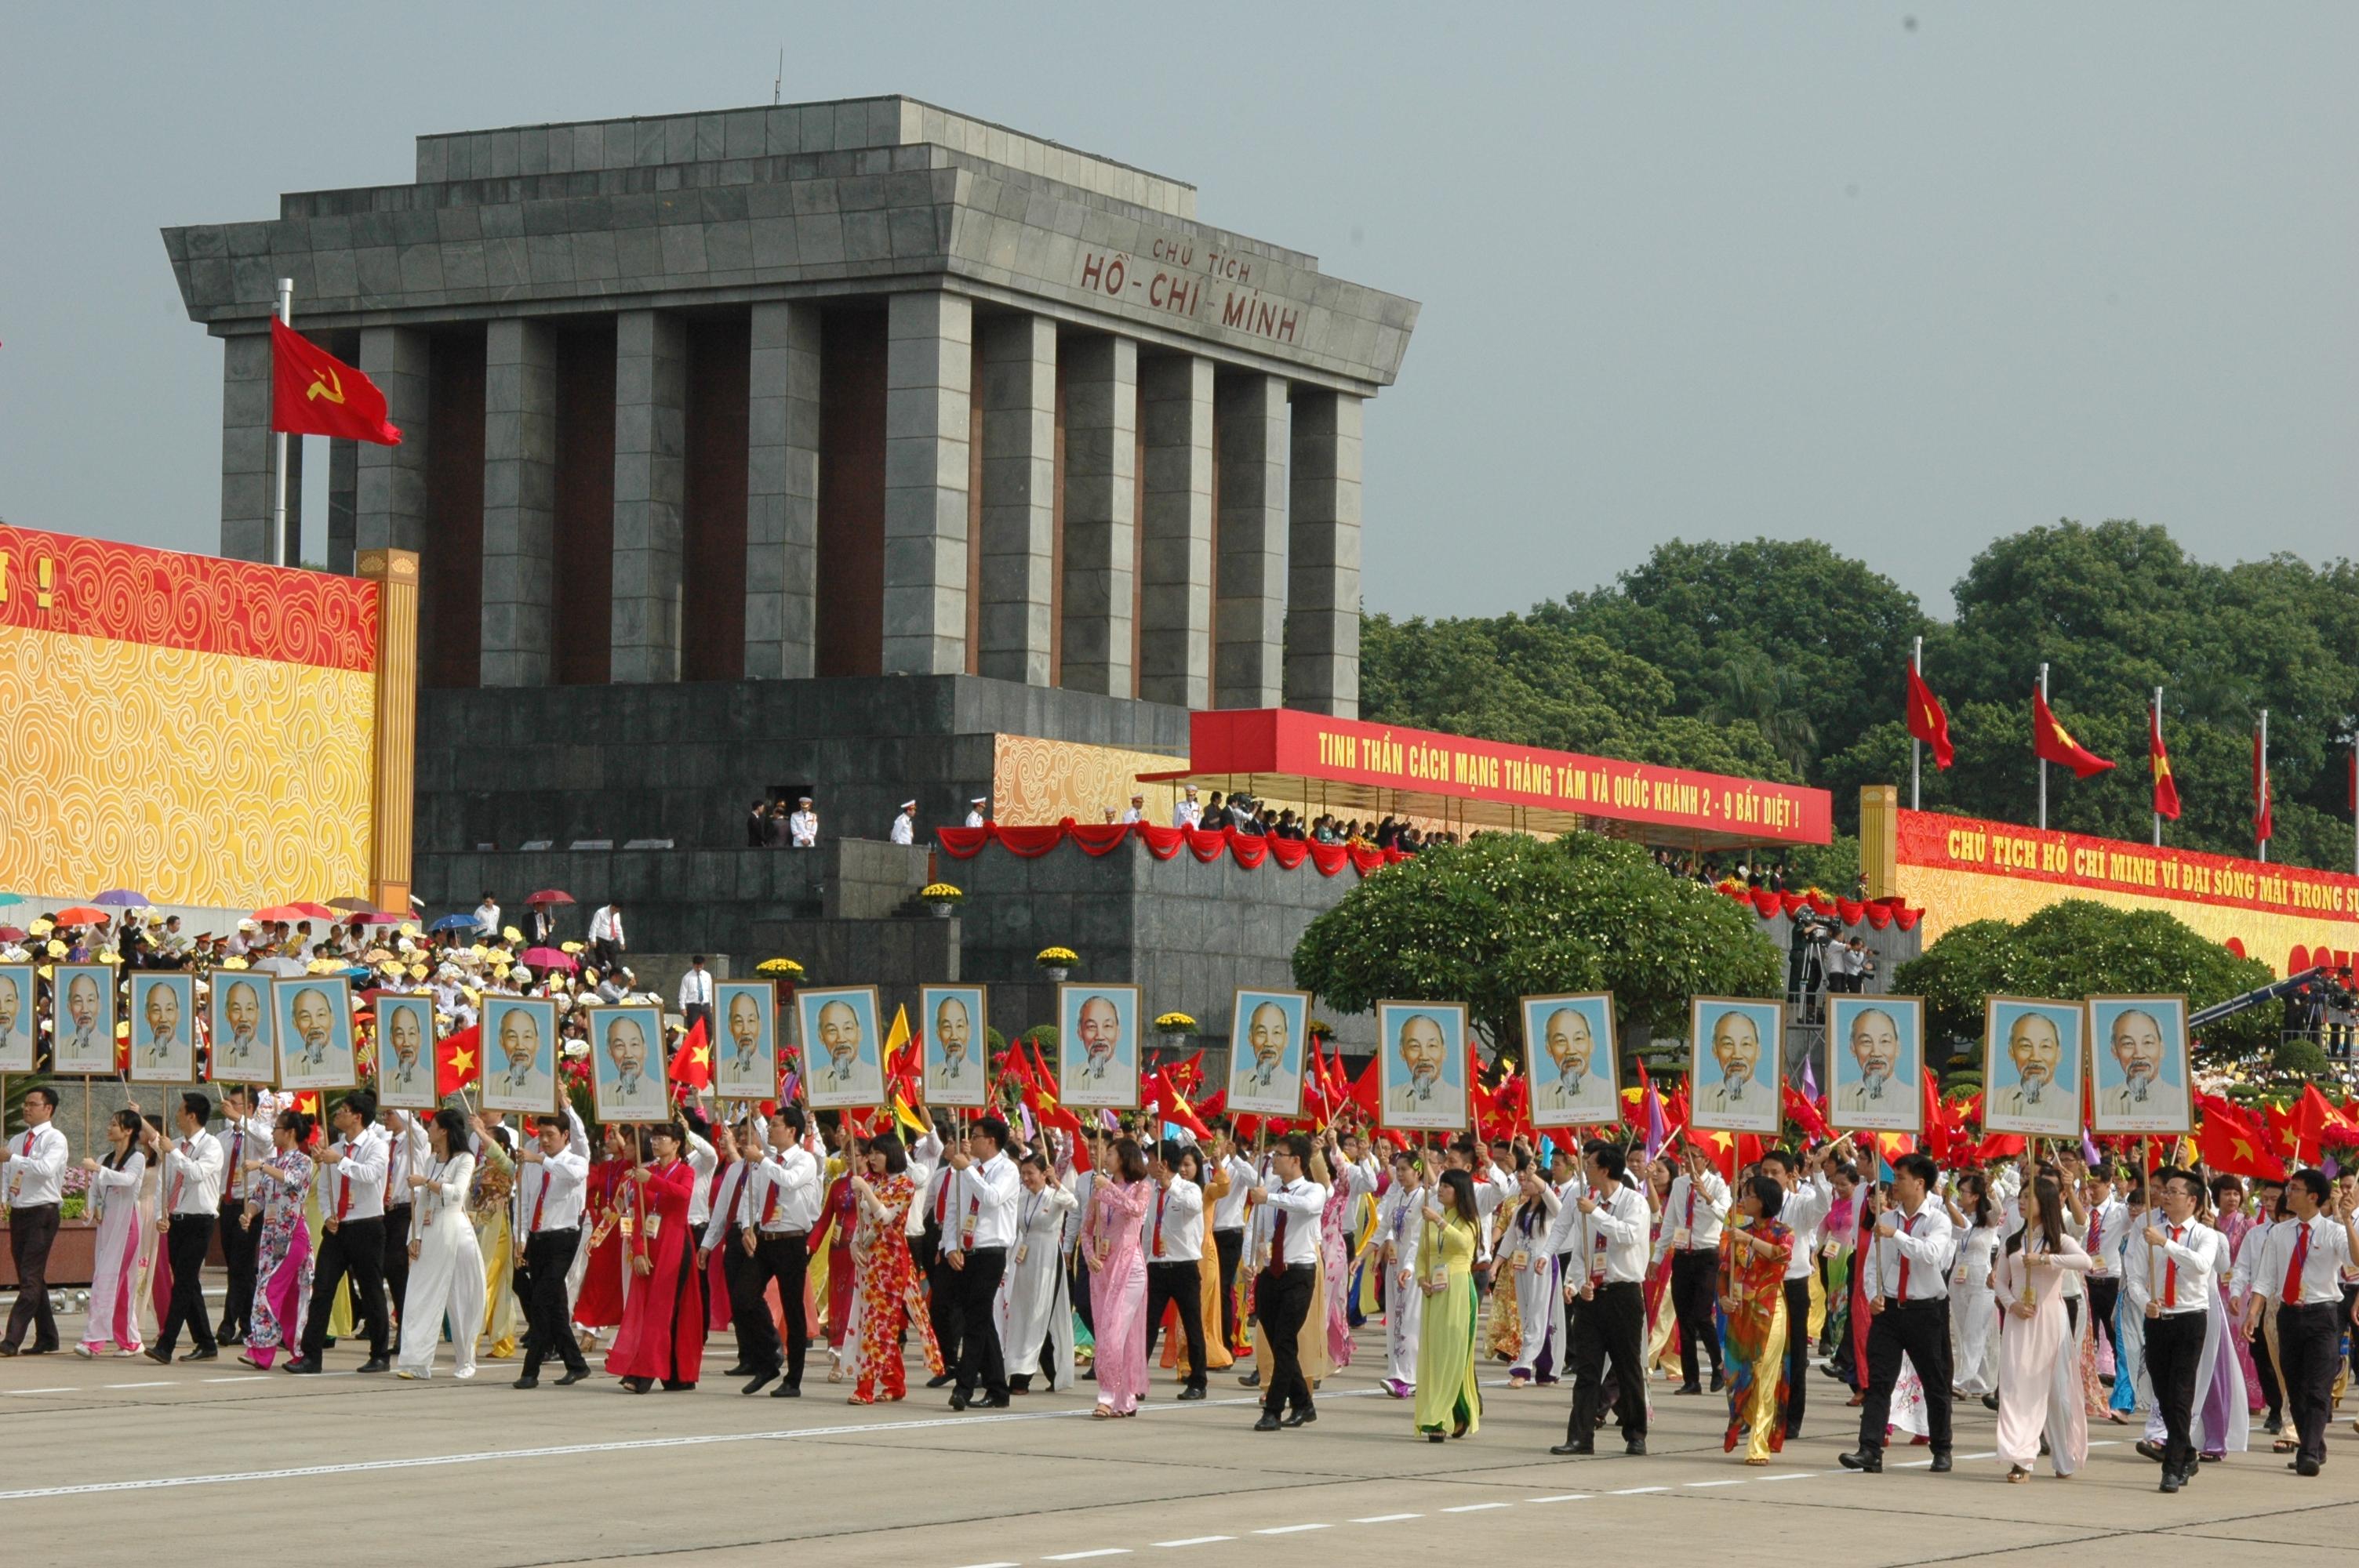 Bồi dưỡng đạo đức cách mạng theo Di chúc Chủ tịch Hồ Chí Minh - Một trong những yêu cầu cấp thiết hàng đầu hiện nay